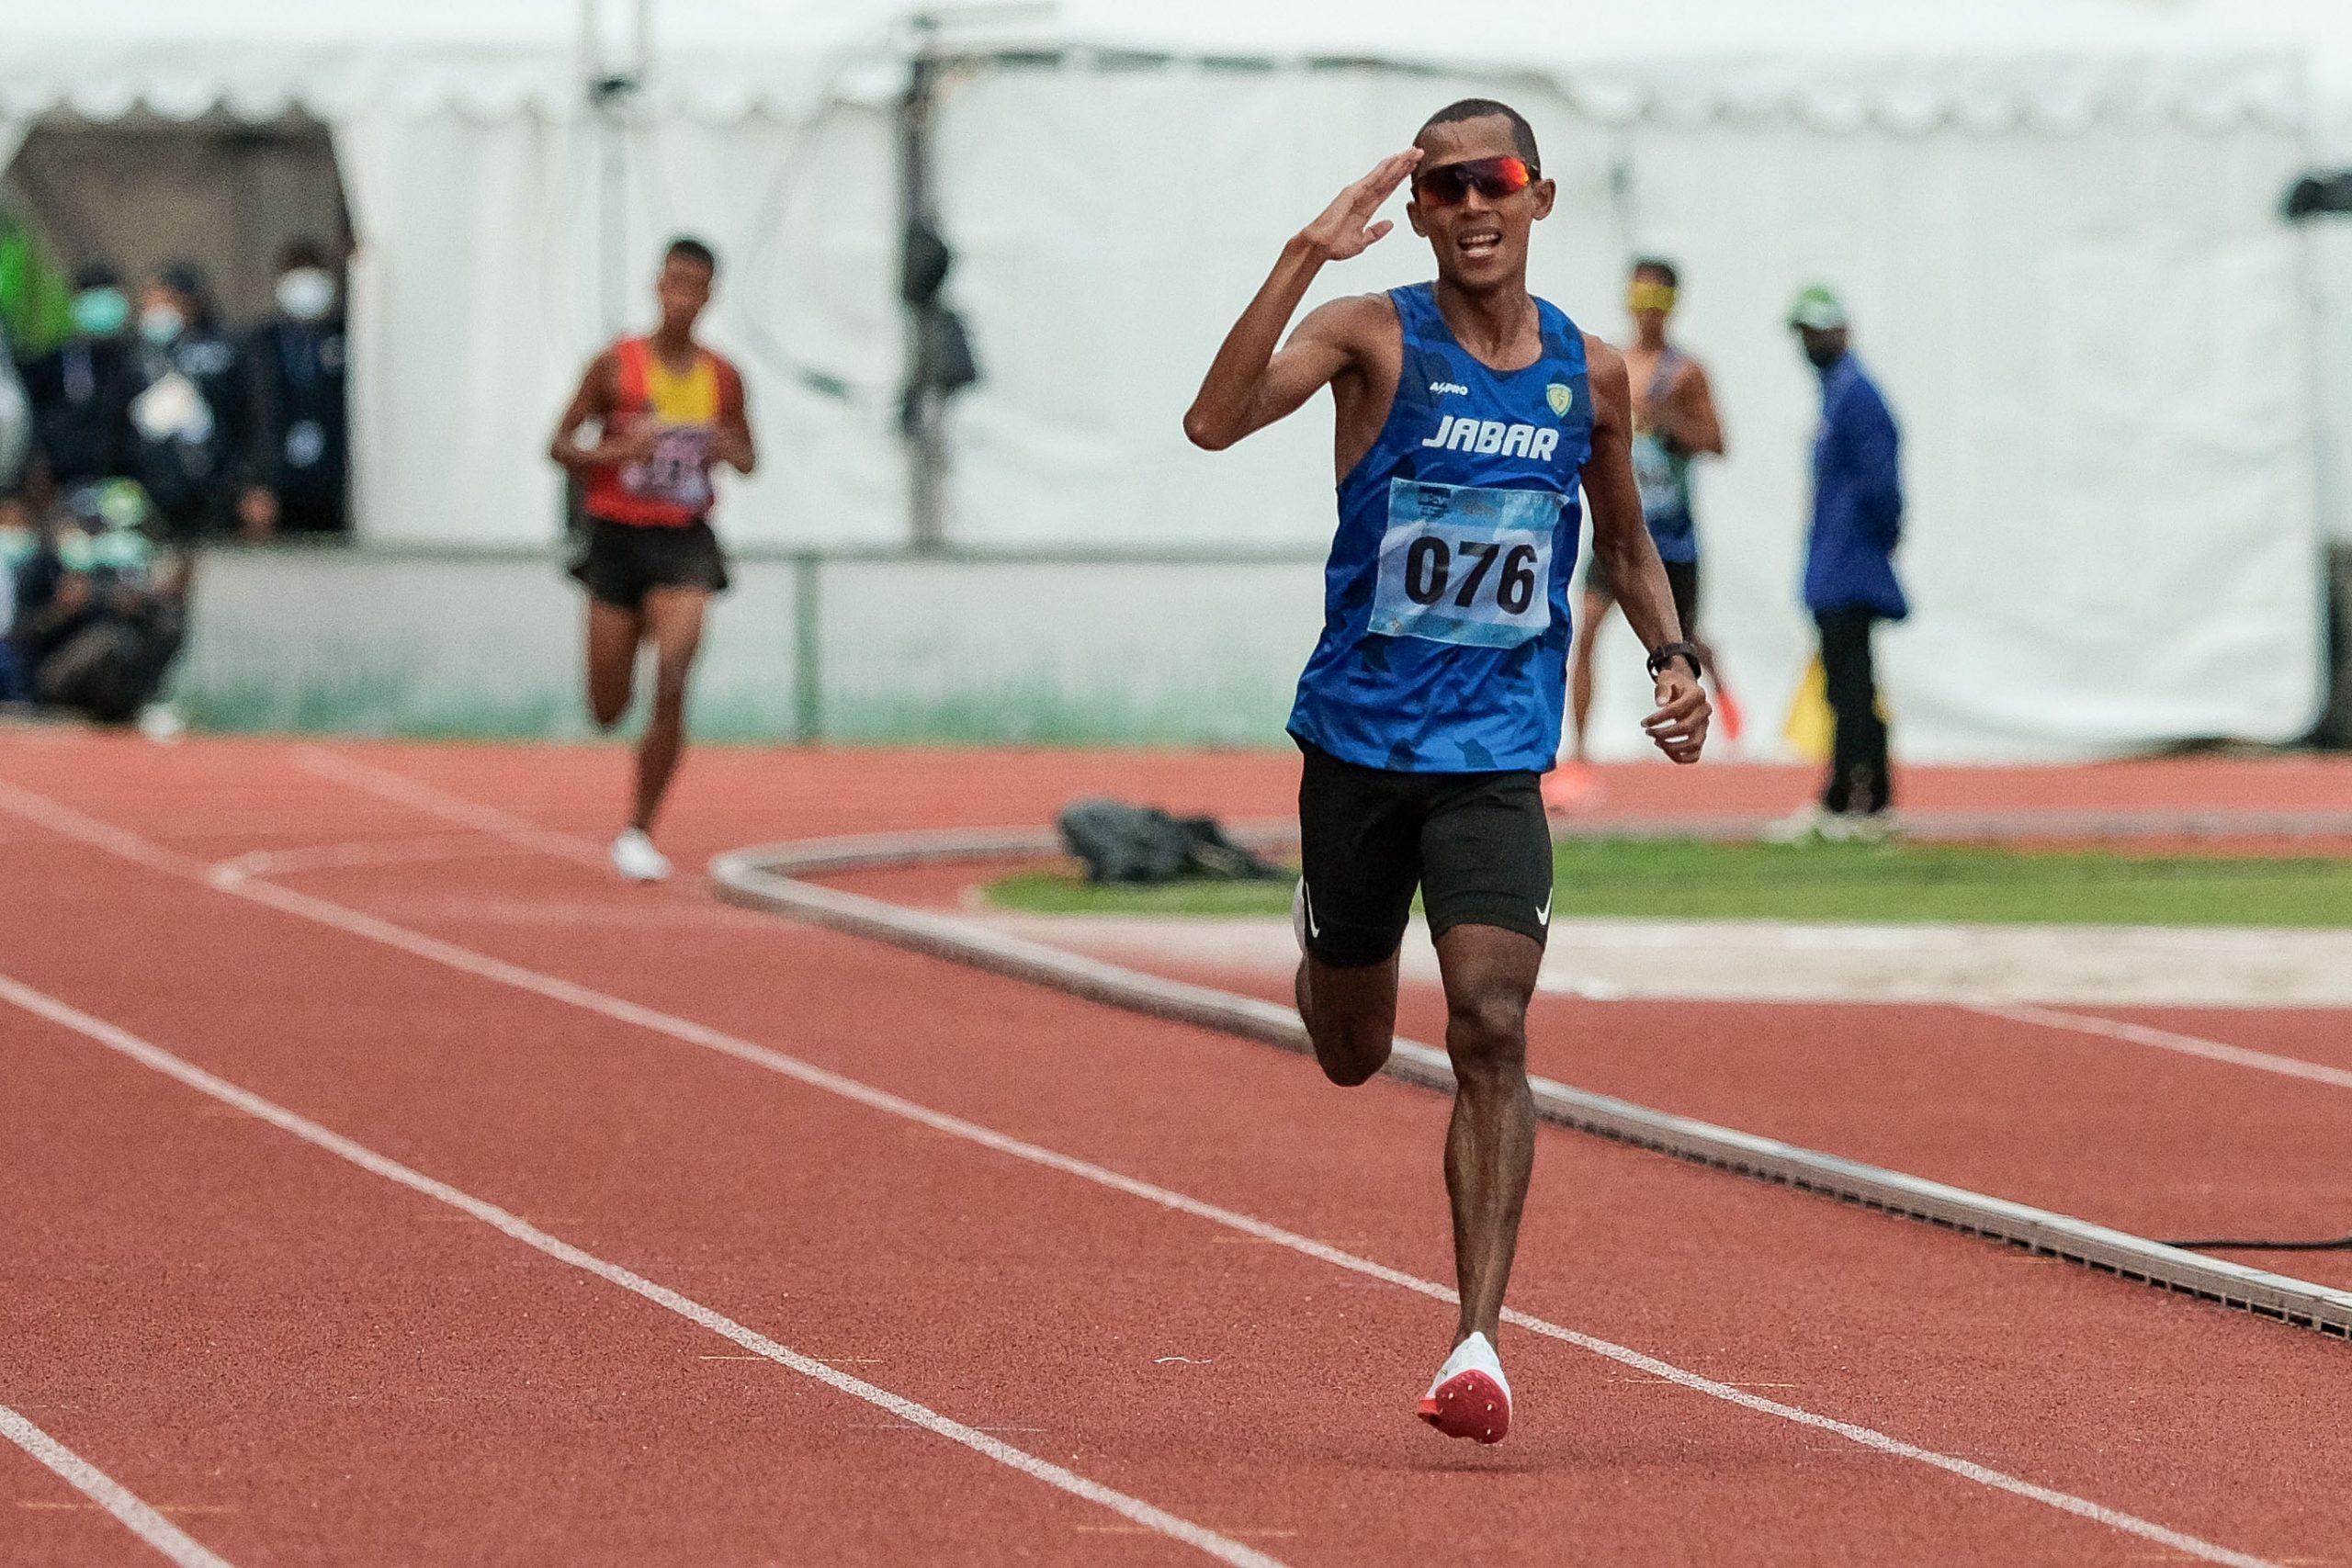 Agus Prayogo pelari jarak jauh asal Jawa Barat berhasil meraih medali emas di nomor 10.000 meter putra yang bertempat di Stadion Atletik Mimika Sport Centre,, Kabupaten Mimika, Papua, Selasa (12/10/2021). Agus Prayogo finis dengan catatan waktu 31 menit 06.35 detik (Foto: PB PON XX PAPUA 2021/Peksi Cahyo)